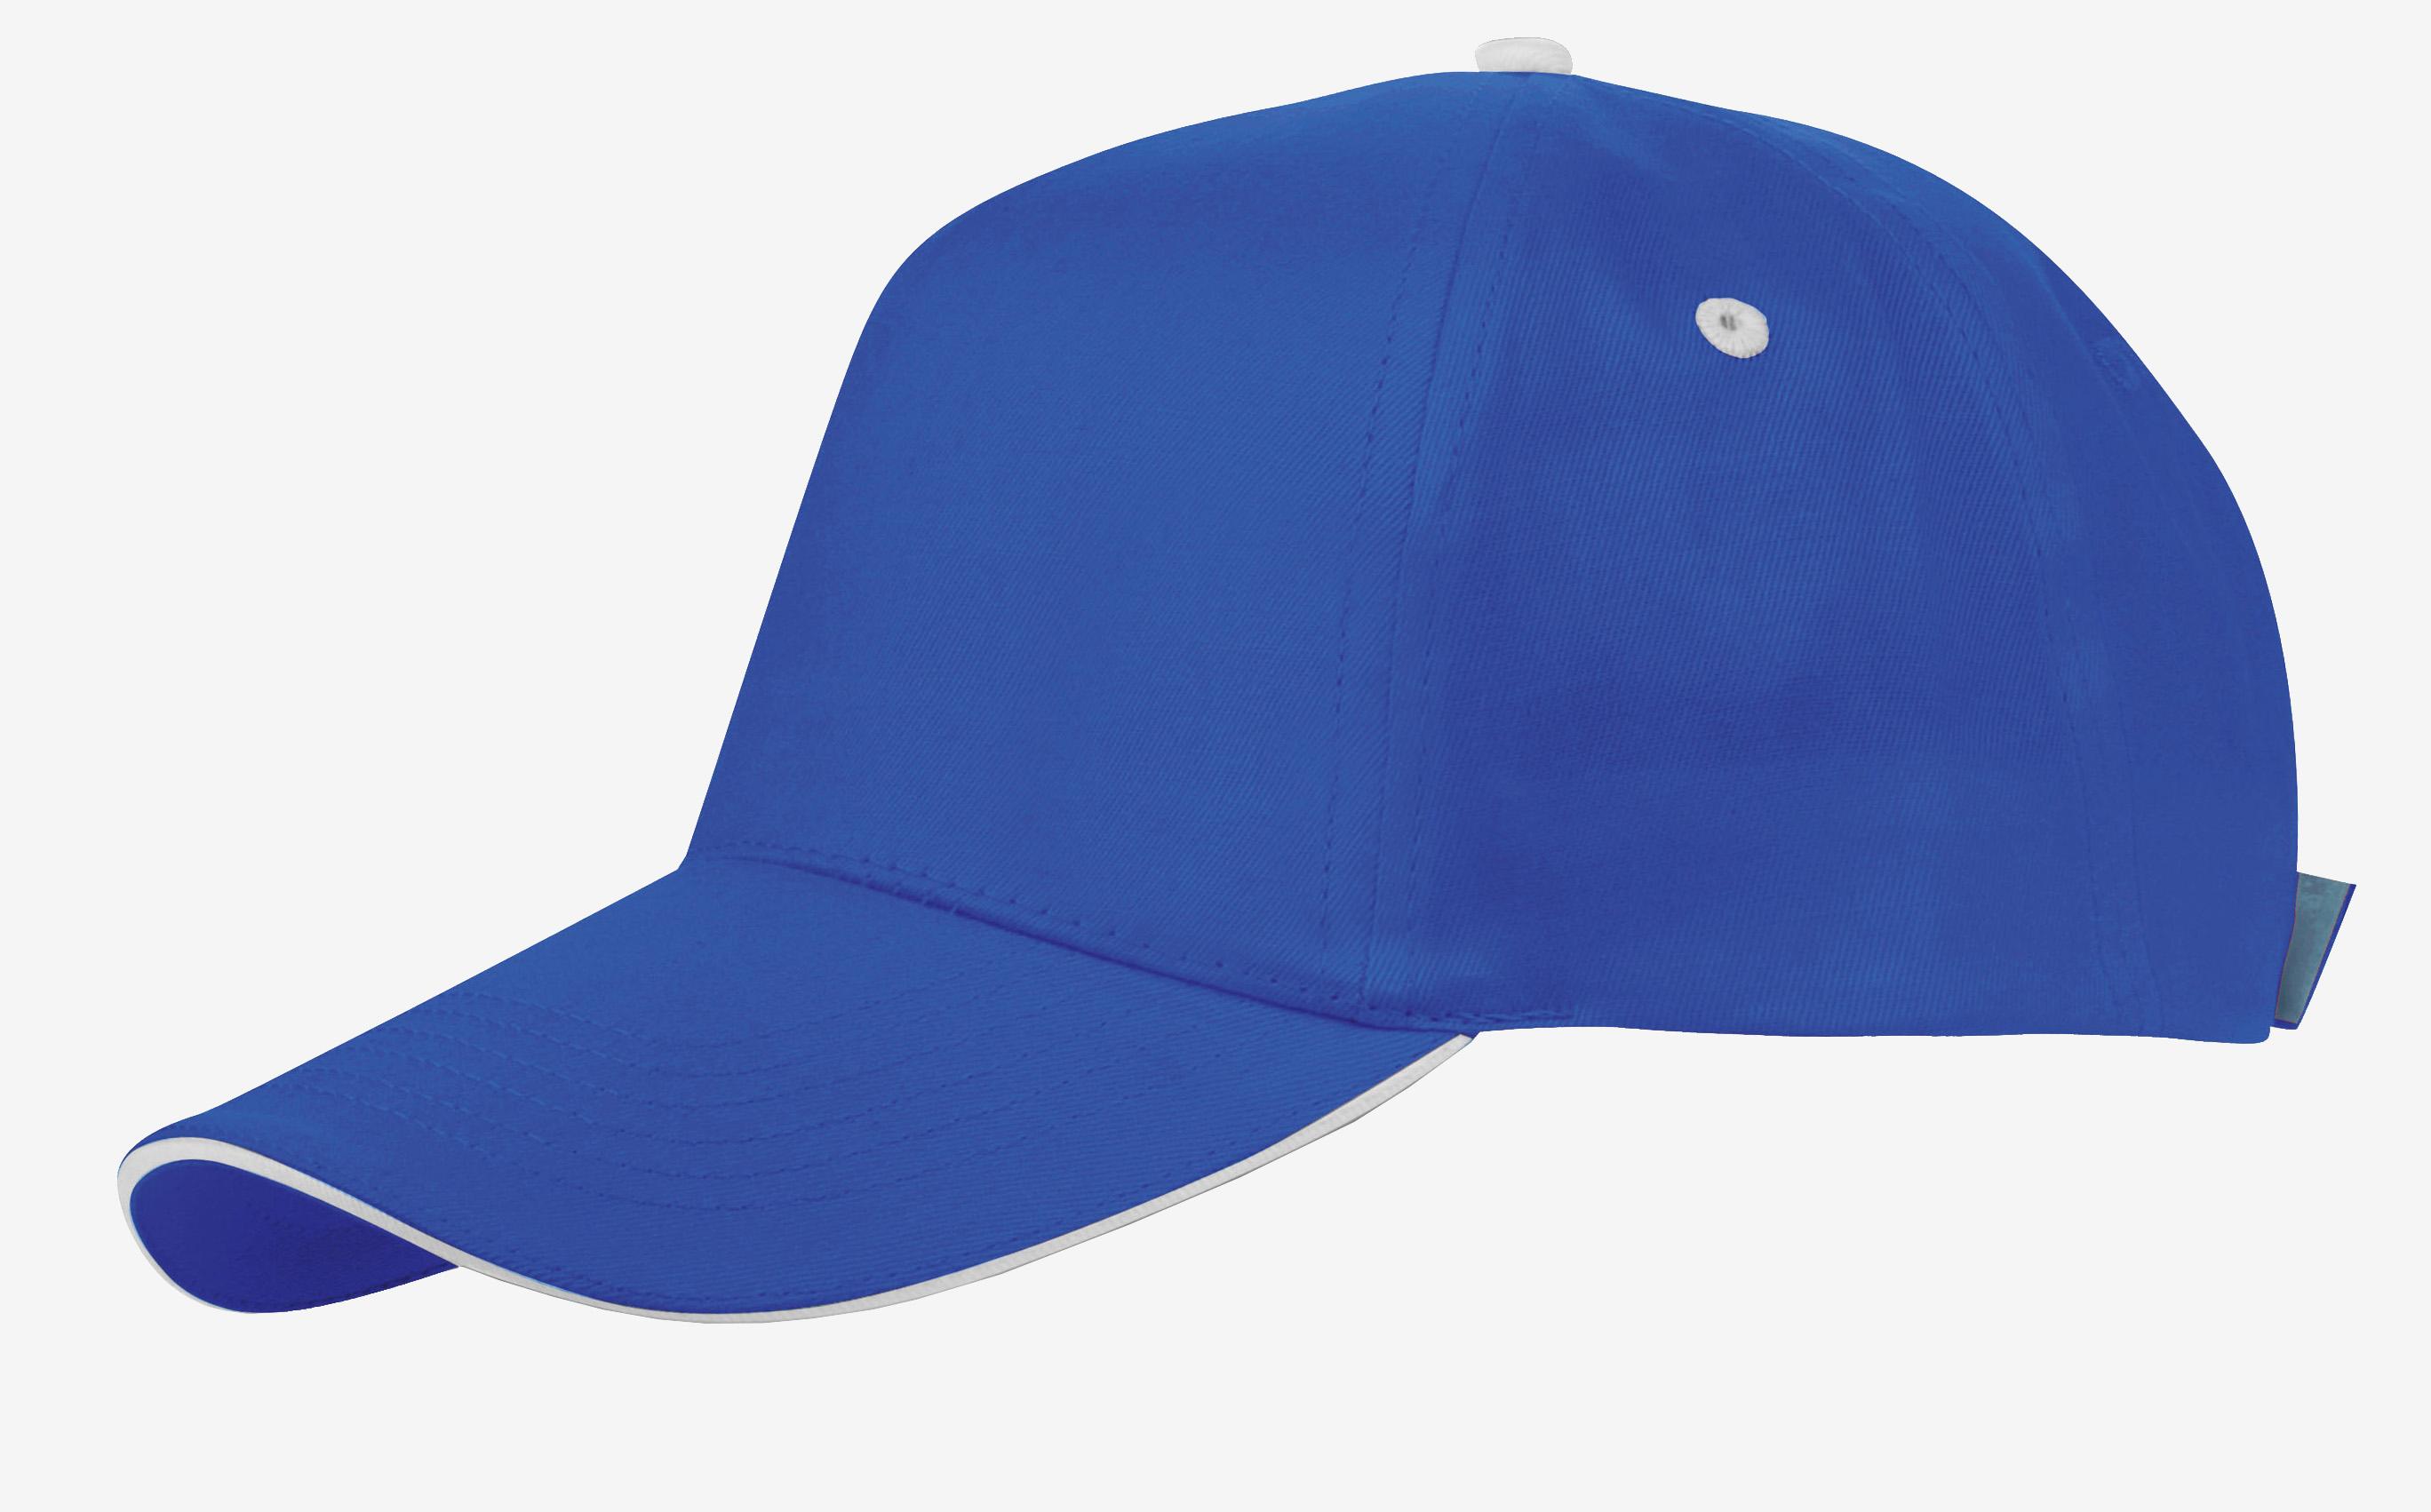 Cappellino da golf a 5 pannelli ... f379b2ecf389